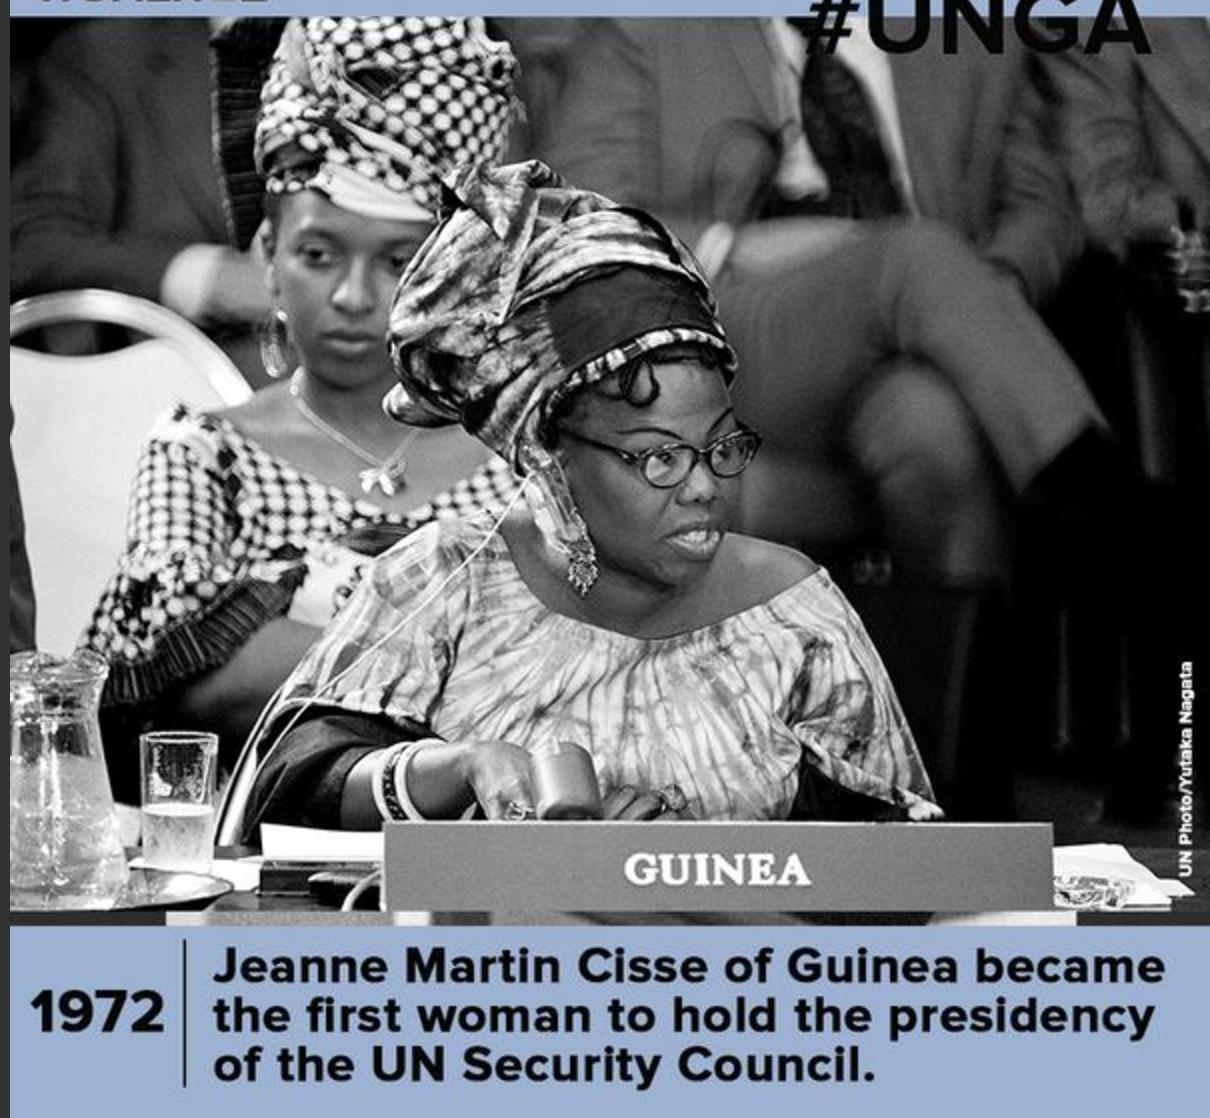 Jeanne Martin Cissé vient de nous quitter à 92 ans, la première femme à avoir présidé le Conseil de Sécurité des Nations-Unies en 1972